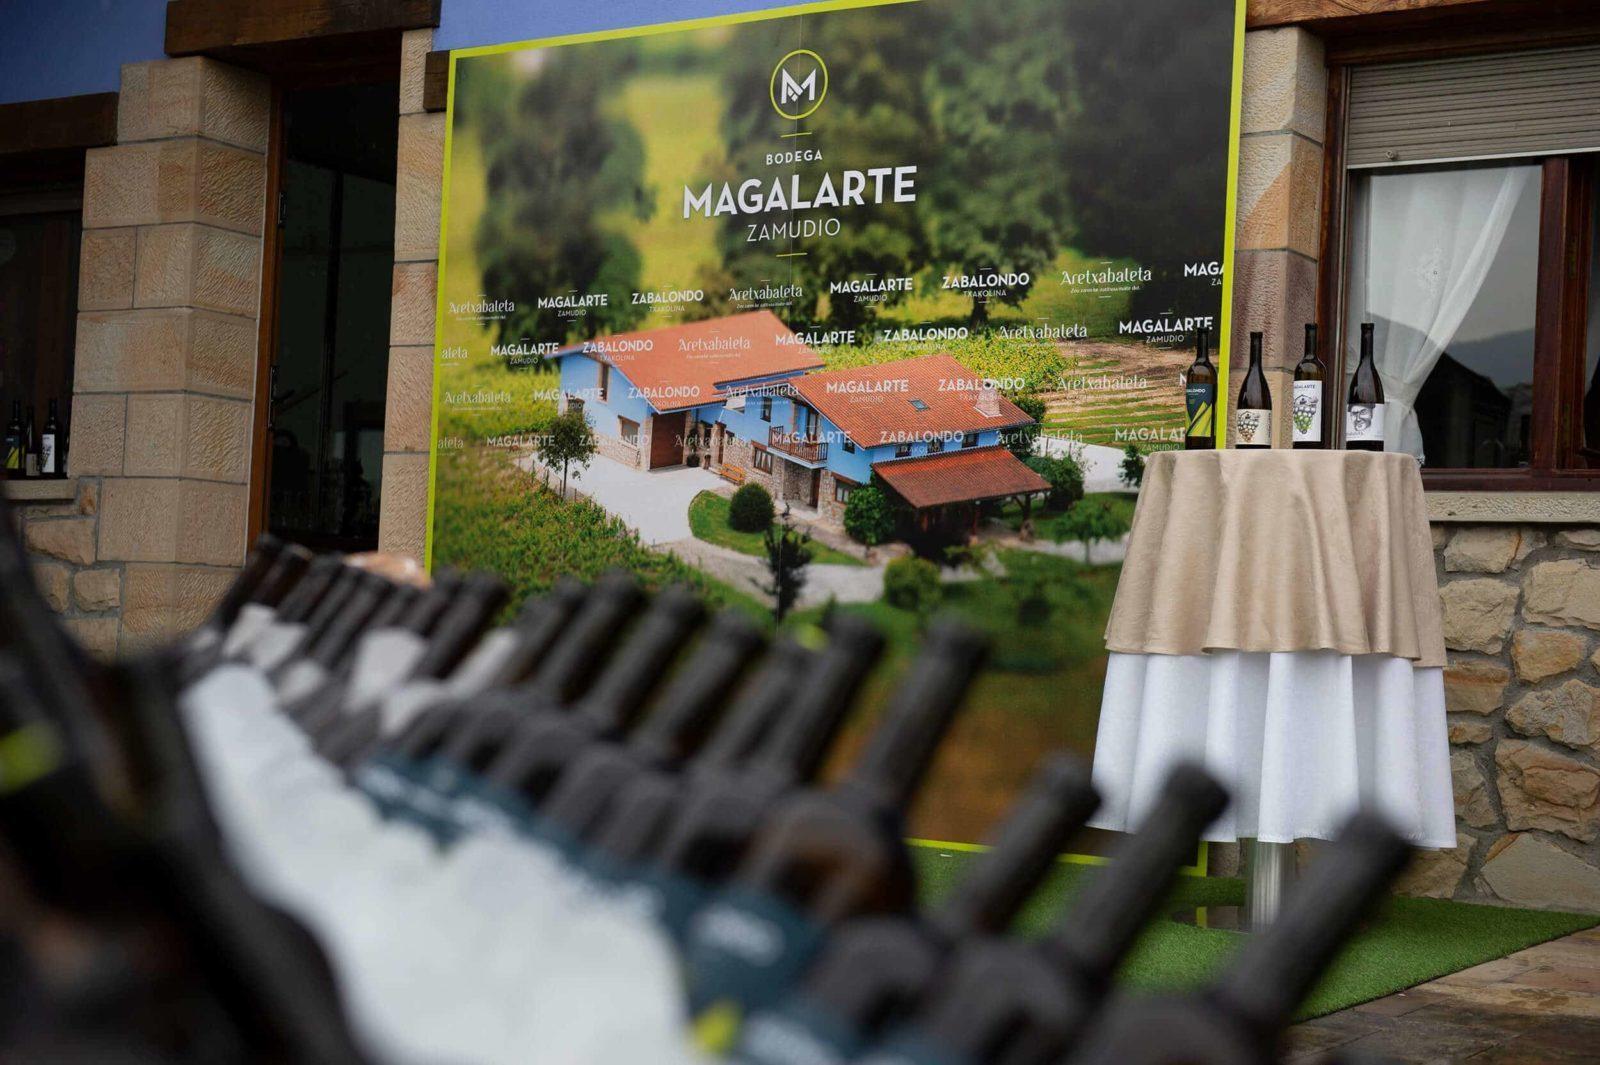 Organización de evento Bodega Magalarte Zamudio